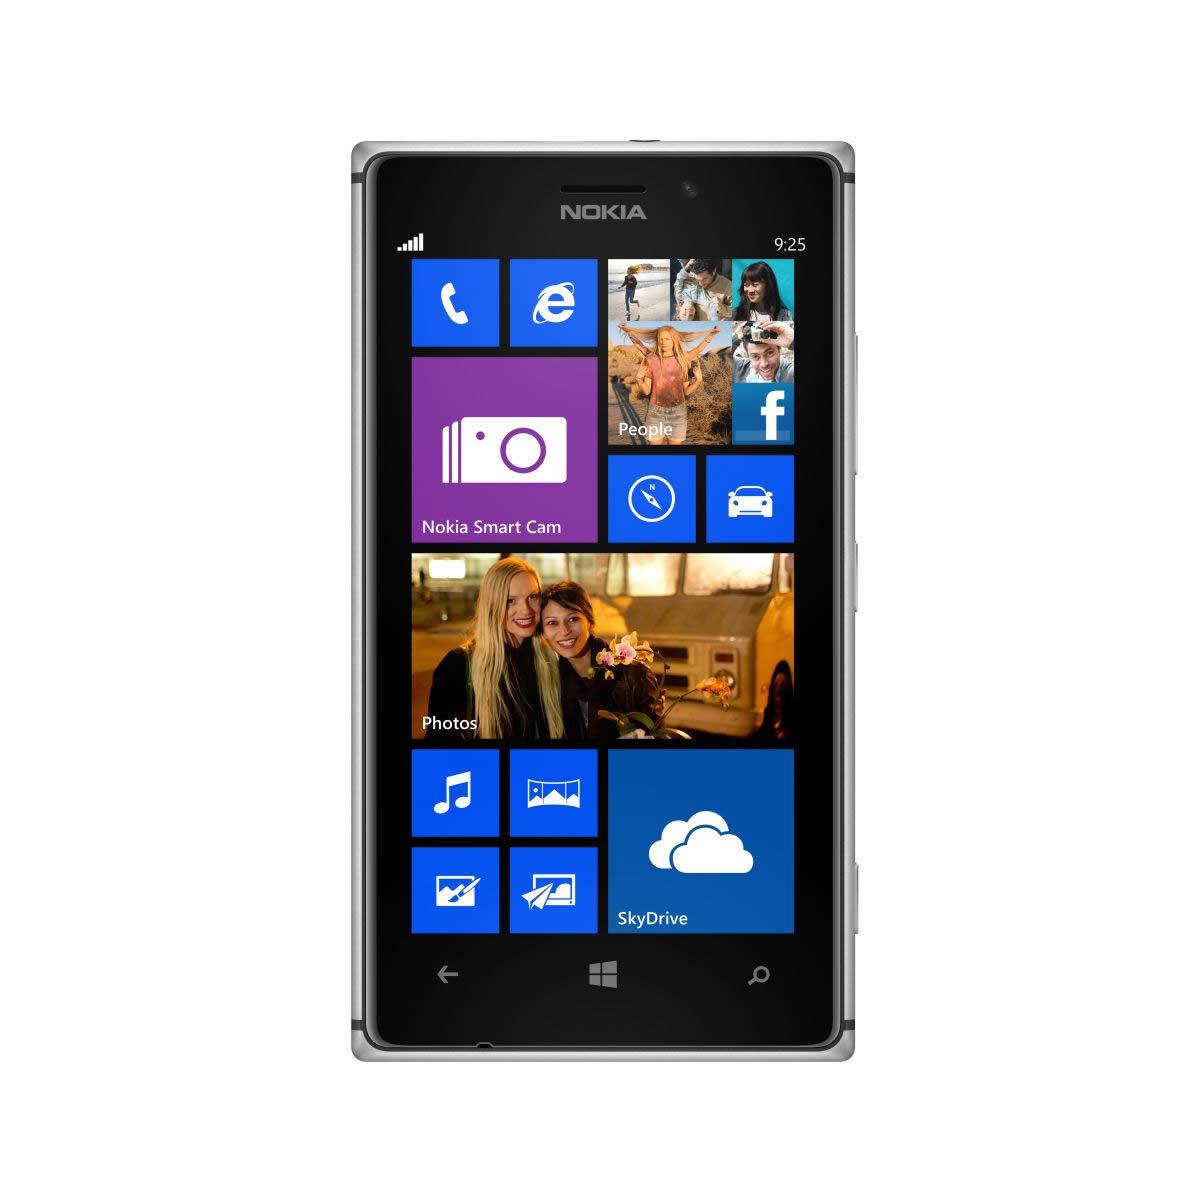 Фронтальная сторона Nokia Lumia 925